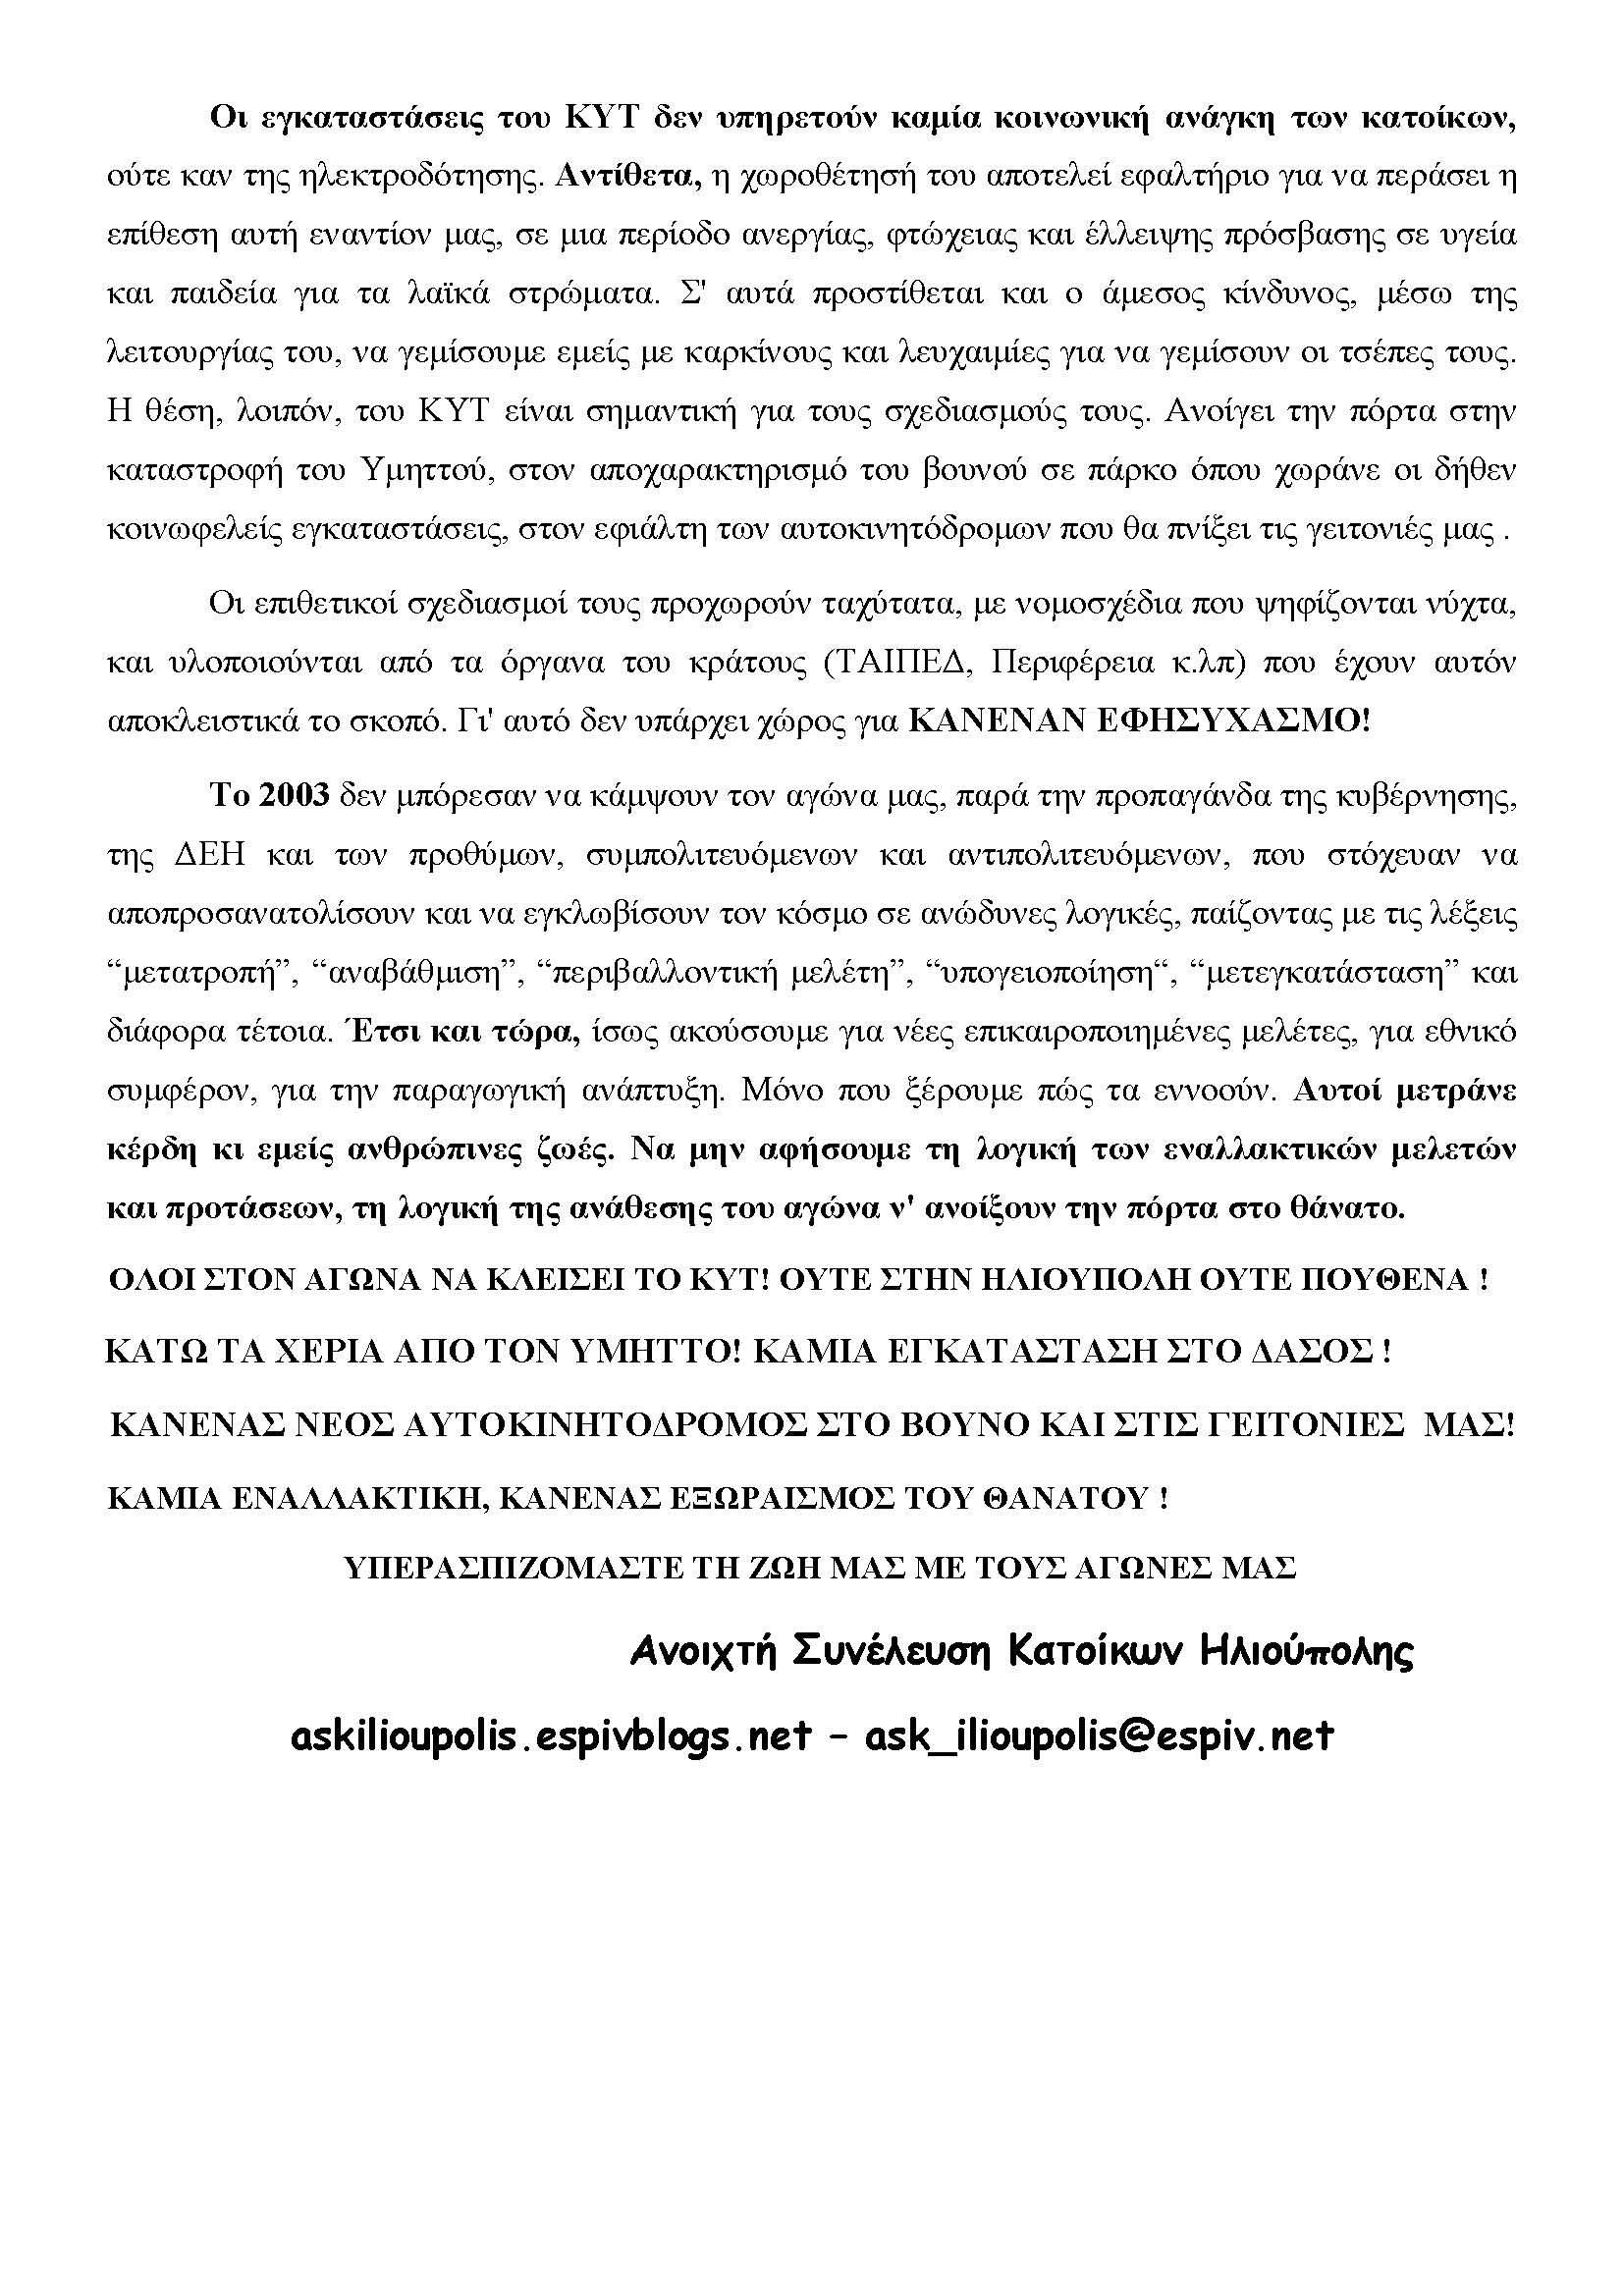 ΑΣΚΗ ΚΥΤ Απριλης 2014 Page_2